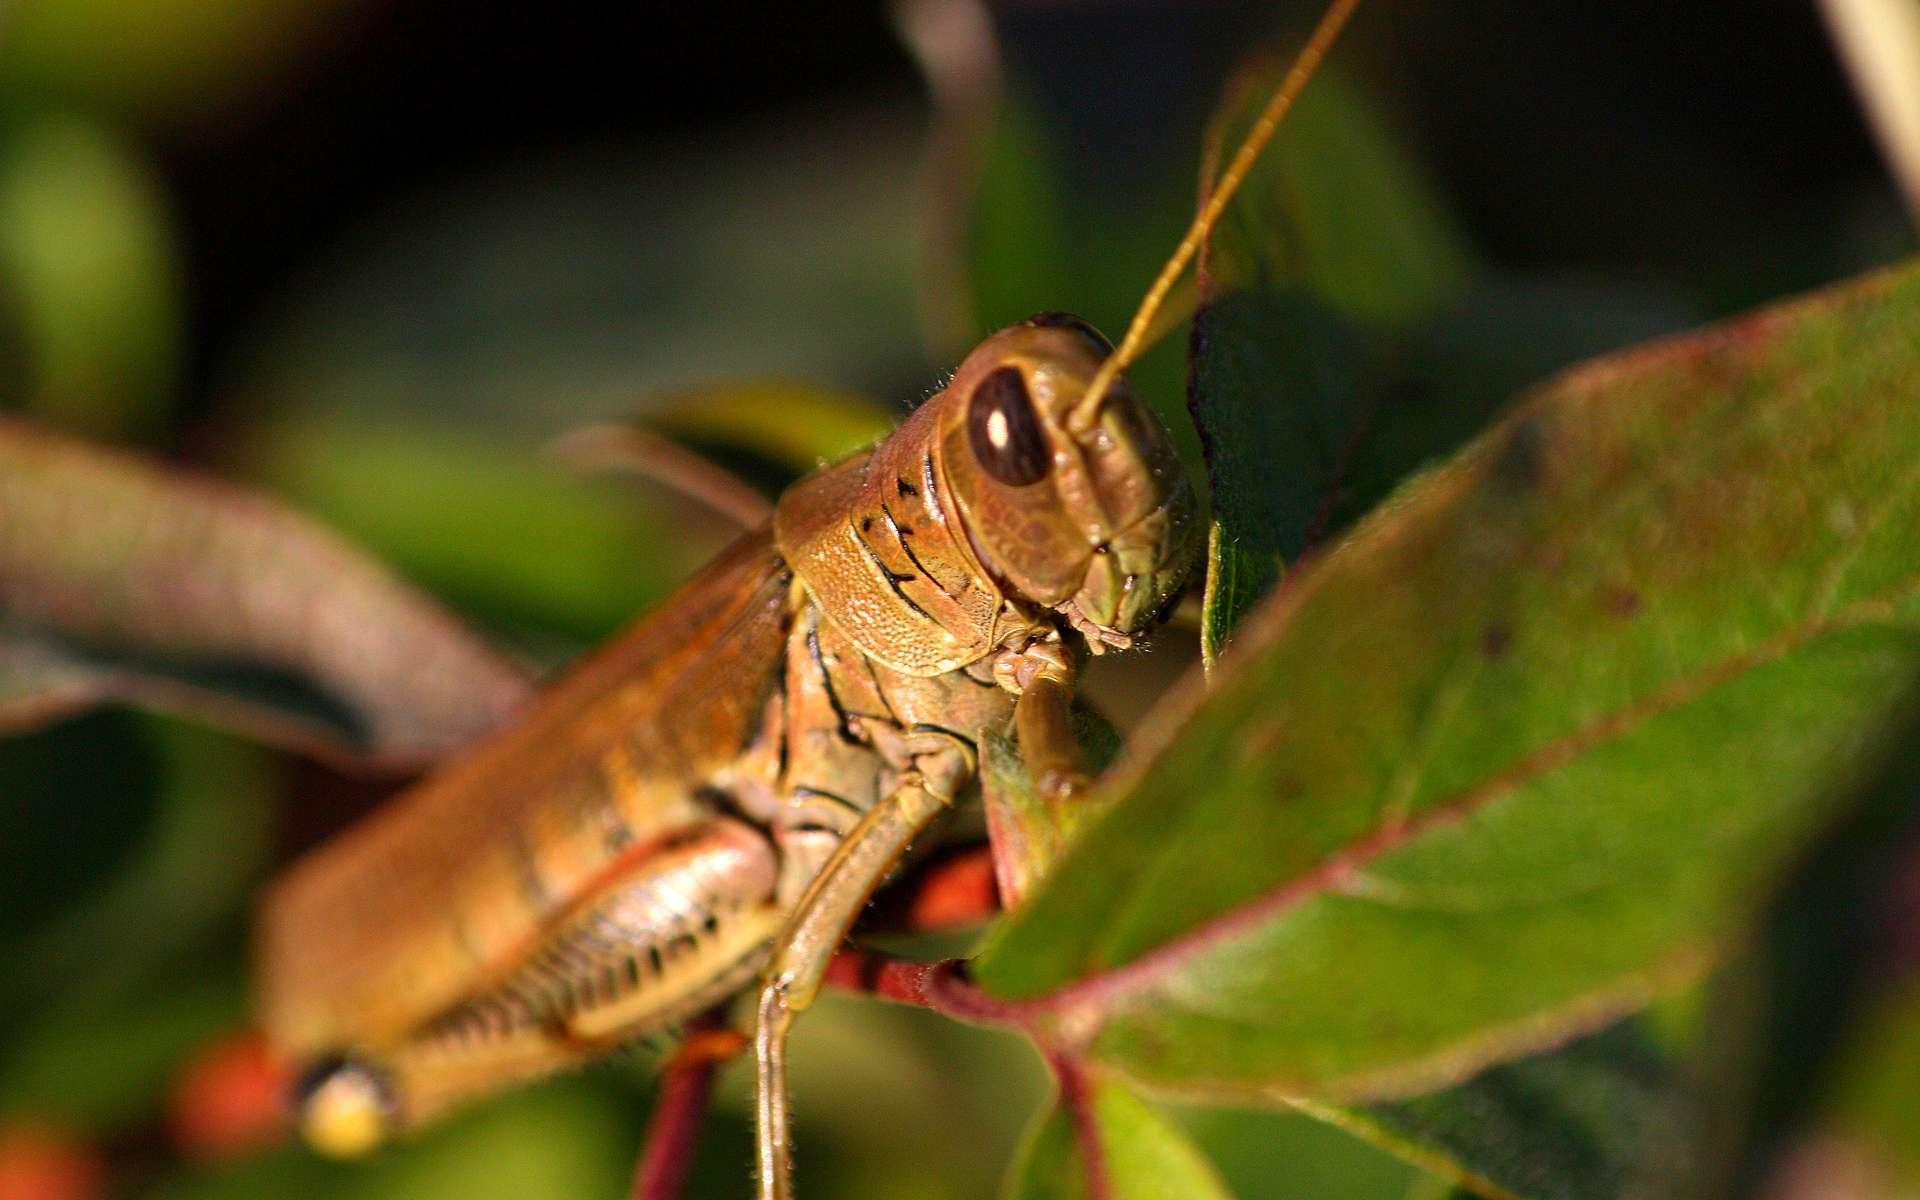 Les criquets migrateurs Locusta migratoria migrent lorsqu'ils se sont reproduits trop rapidement et que les ressources de nourriture viennent à manquer. © katebartnik, Flickr, CC by-nc-nd 2.0